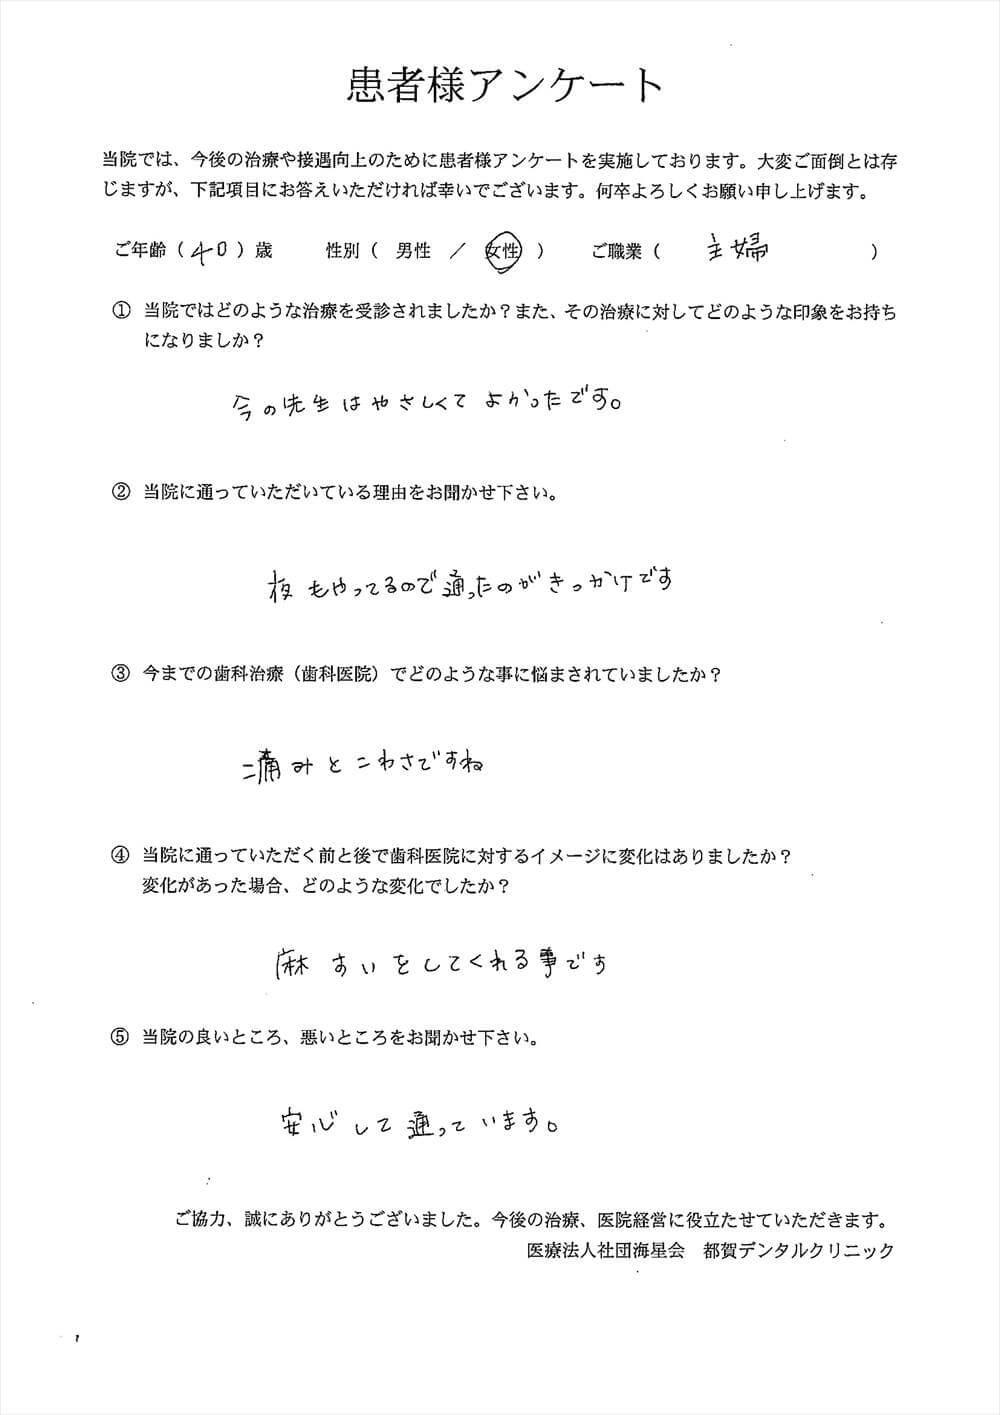 都賀デンタルクリニックの口コミアンケート8